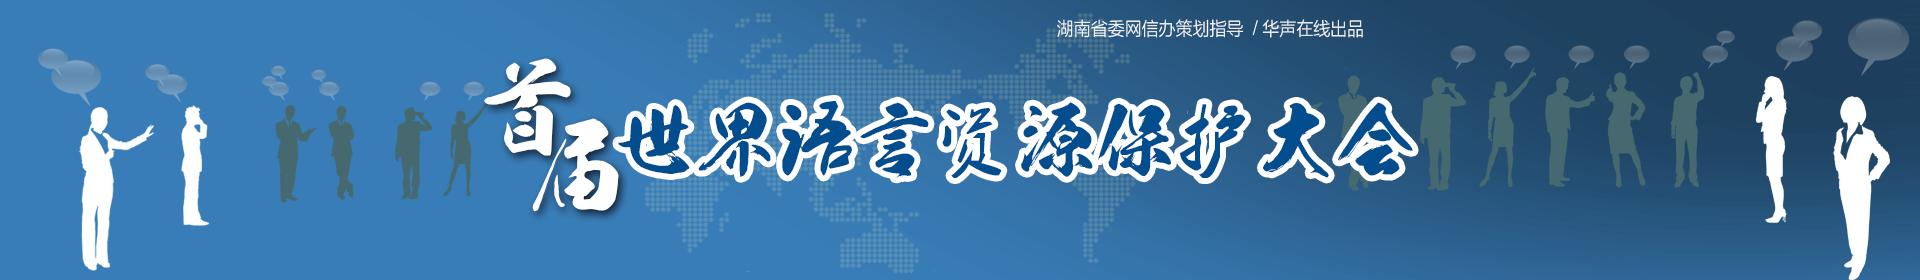 首届世界语言资源保护大会